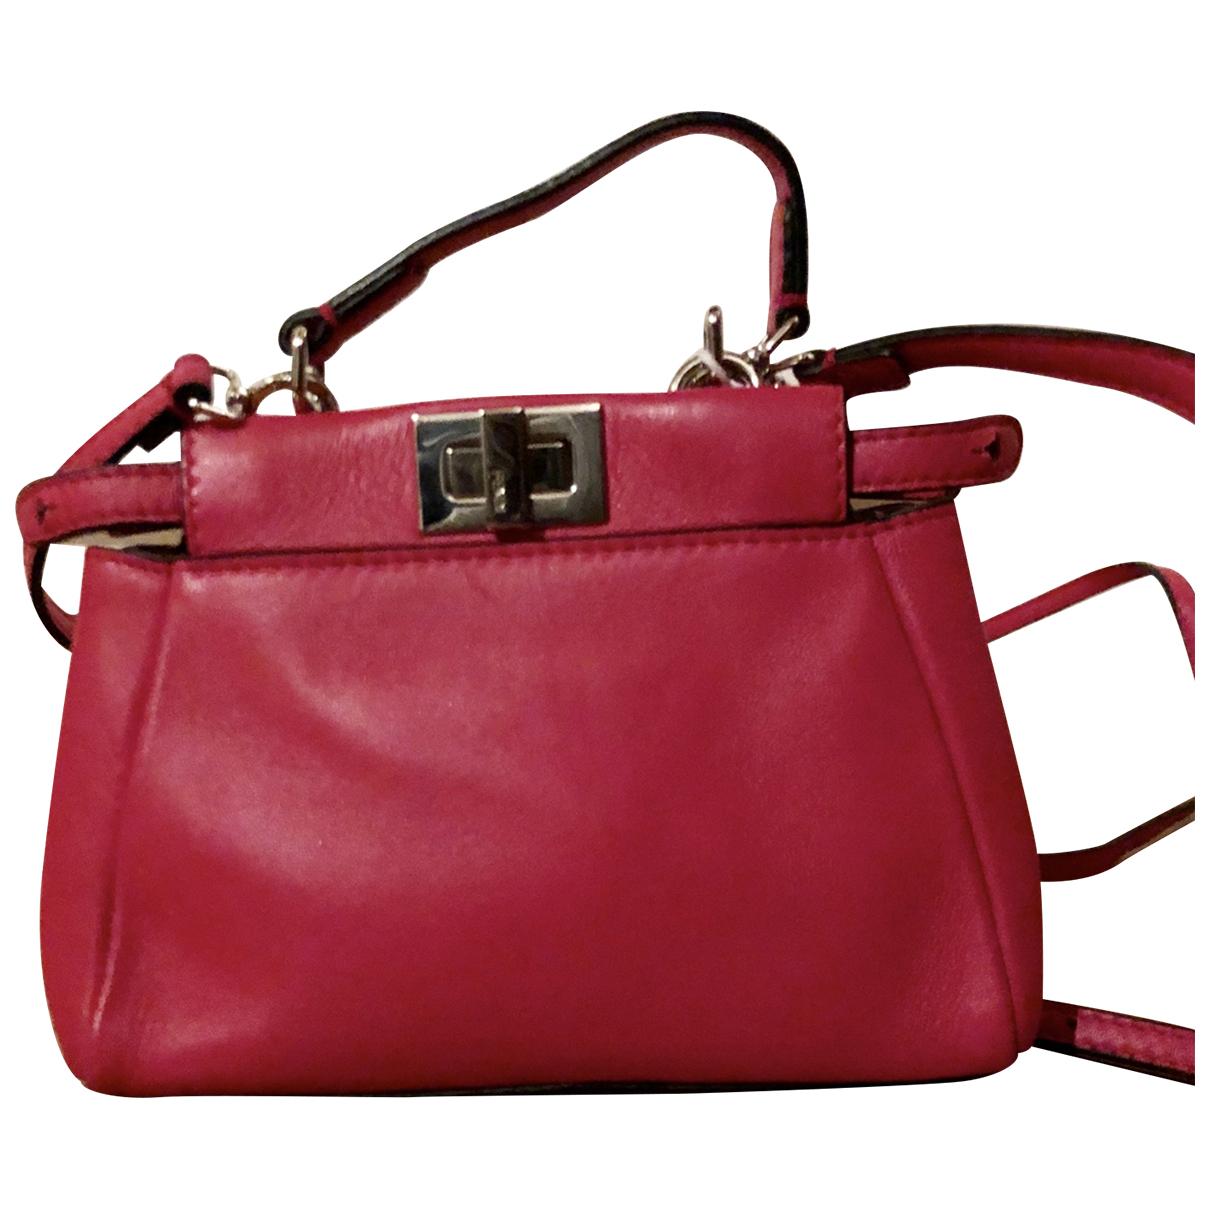 Fendi - Sac a main Peekaboo mini pocket pour femme en cuir - rose